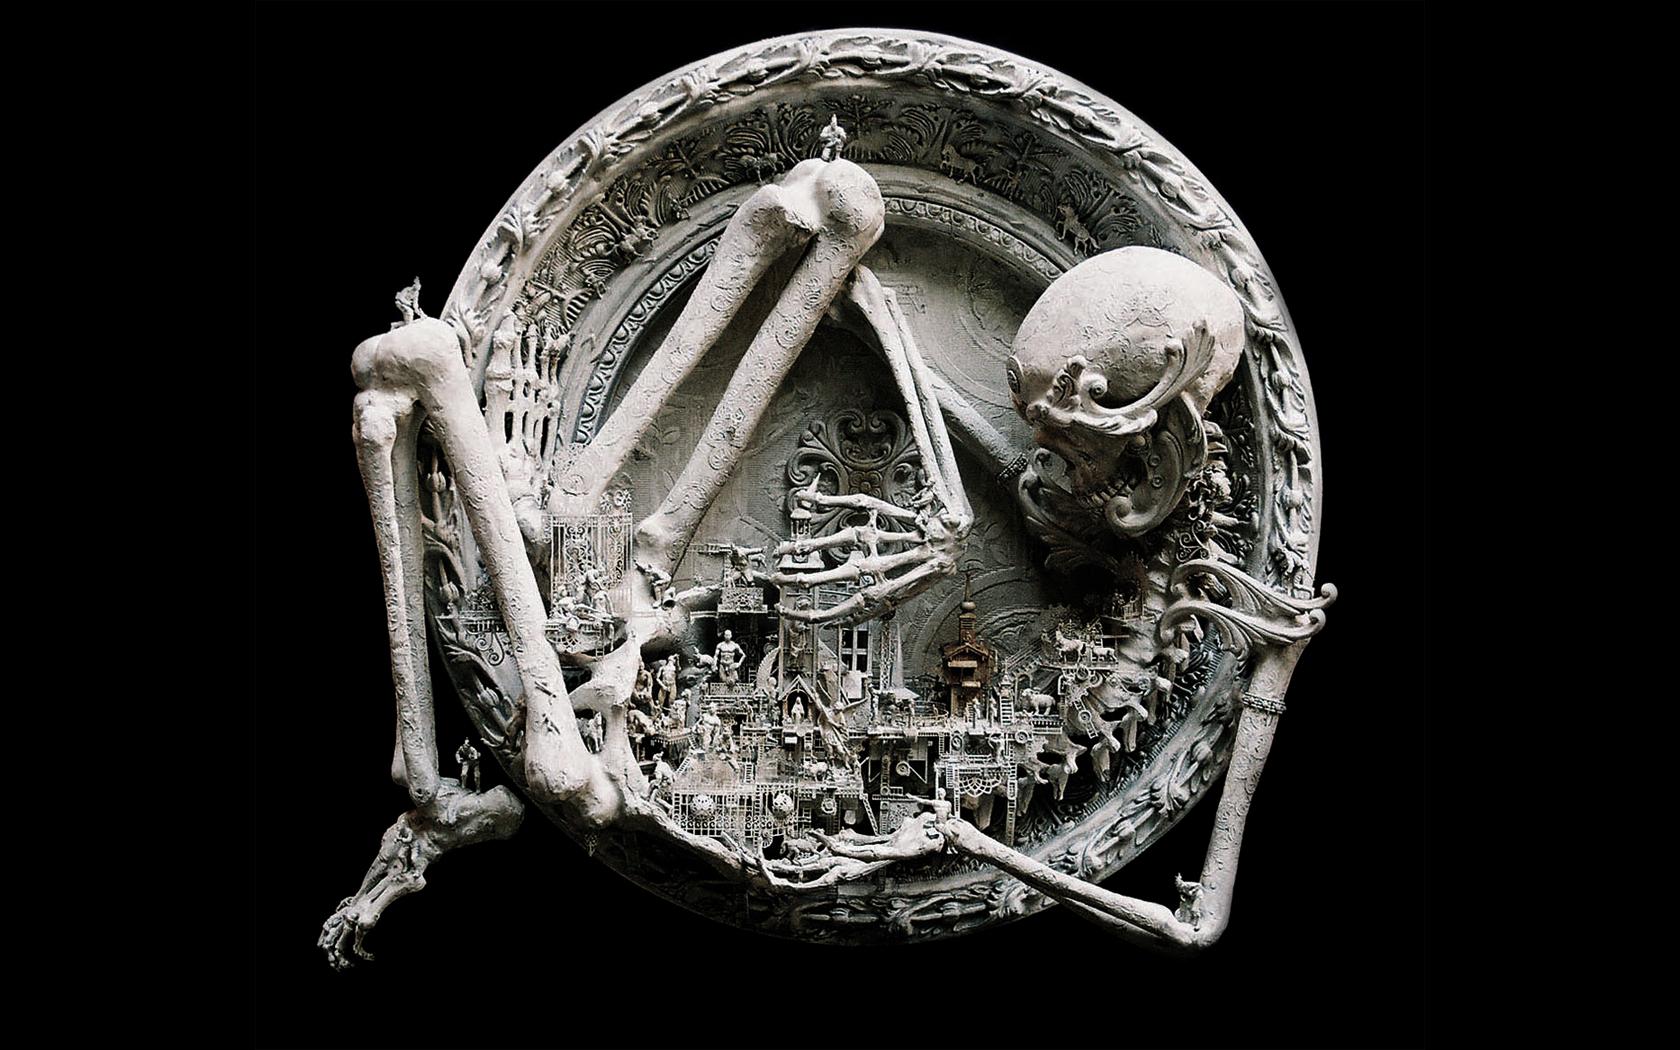 monster skull black wallpaper - photo #36